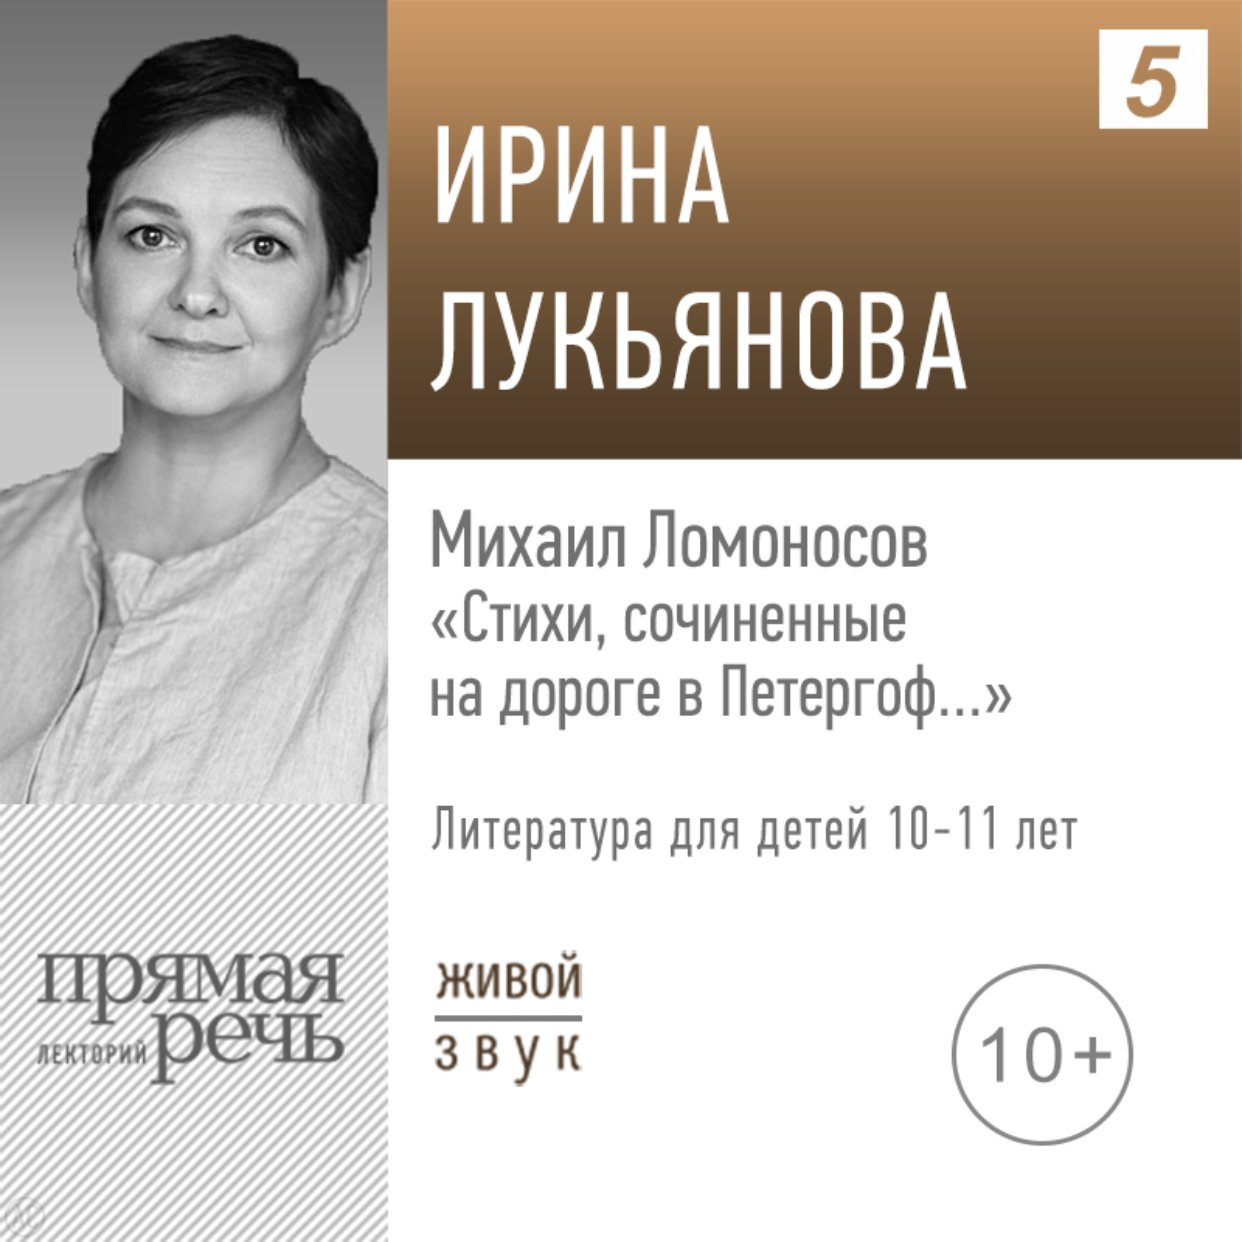 Михаил Ломоносов «Стихи, сочиненные на дороге в Петергоф…»